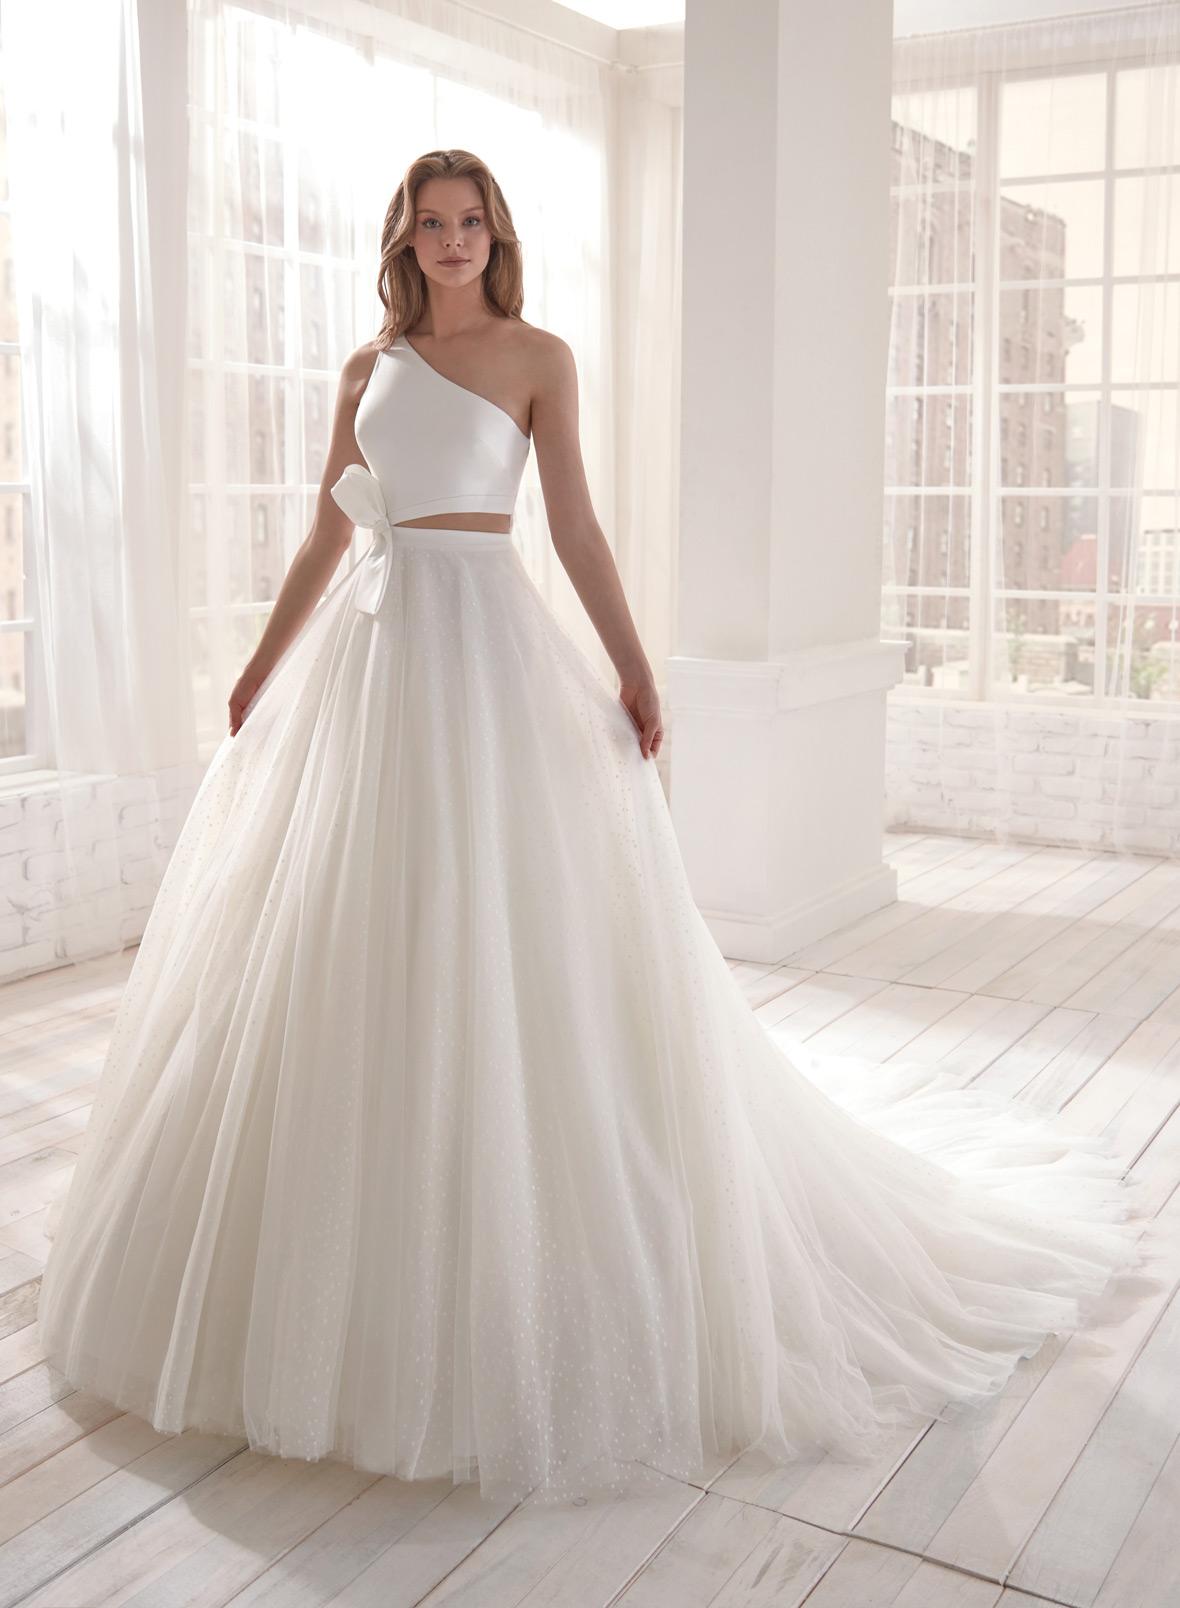 Vestiti Da Sposa Zevio.Abito Da Sposa Jolies 2020 Joa20561 Mariages It Abiti Sposa